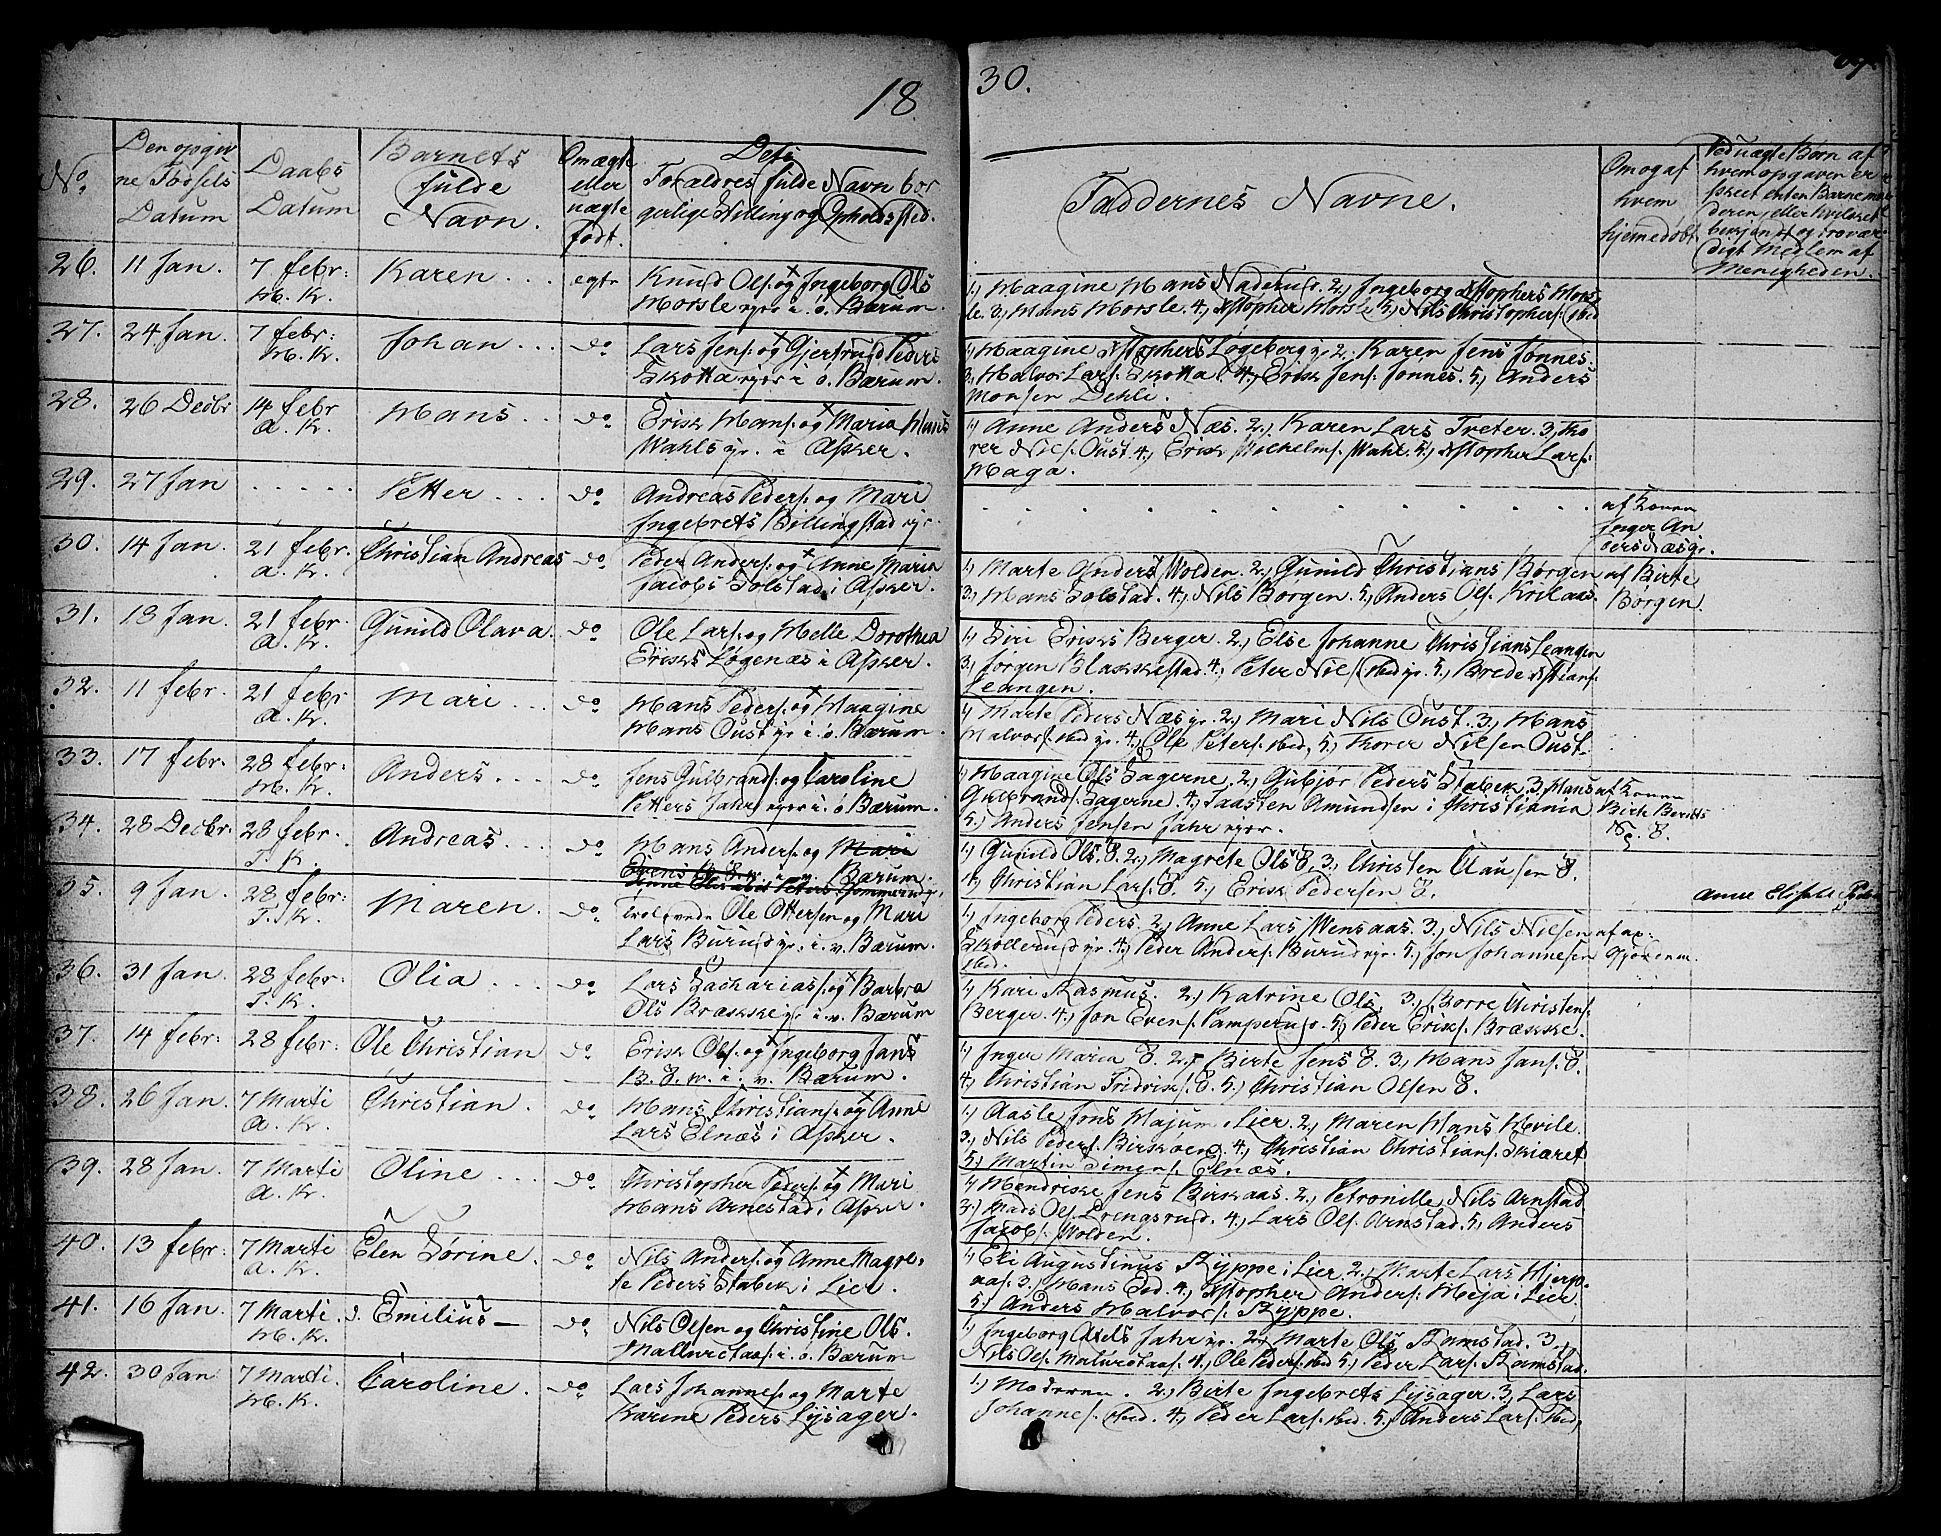 SAO, Asker prestekontor Kirkebøker, F/Fa/L0007: Ministerialbok nr. I 7, 1825-1864, s. 69